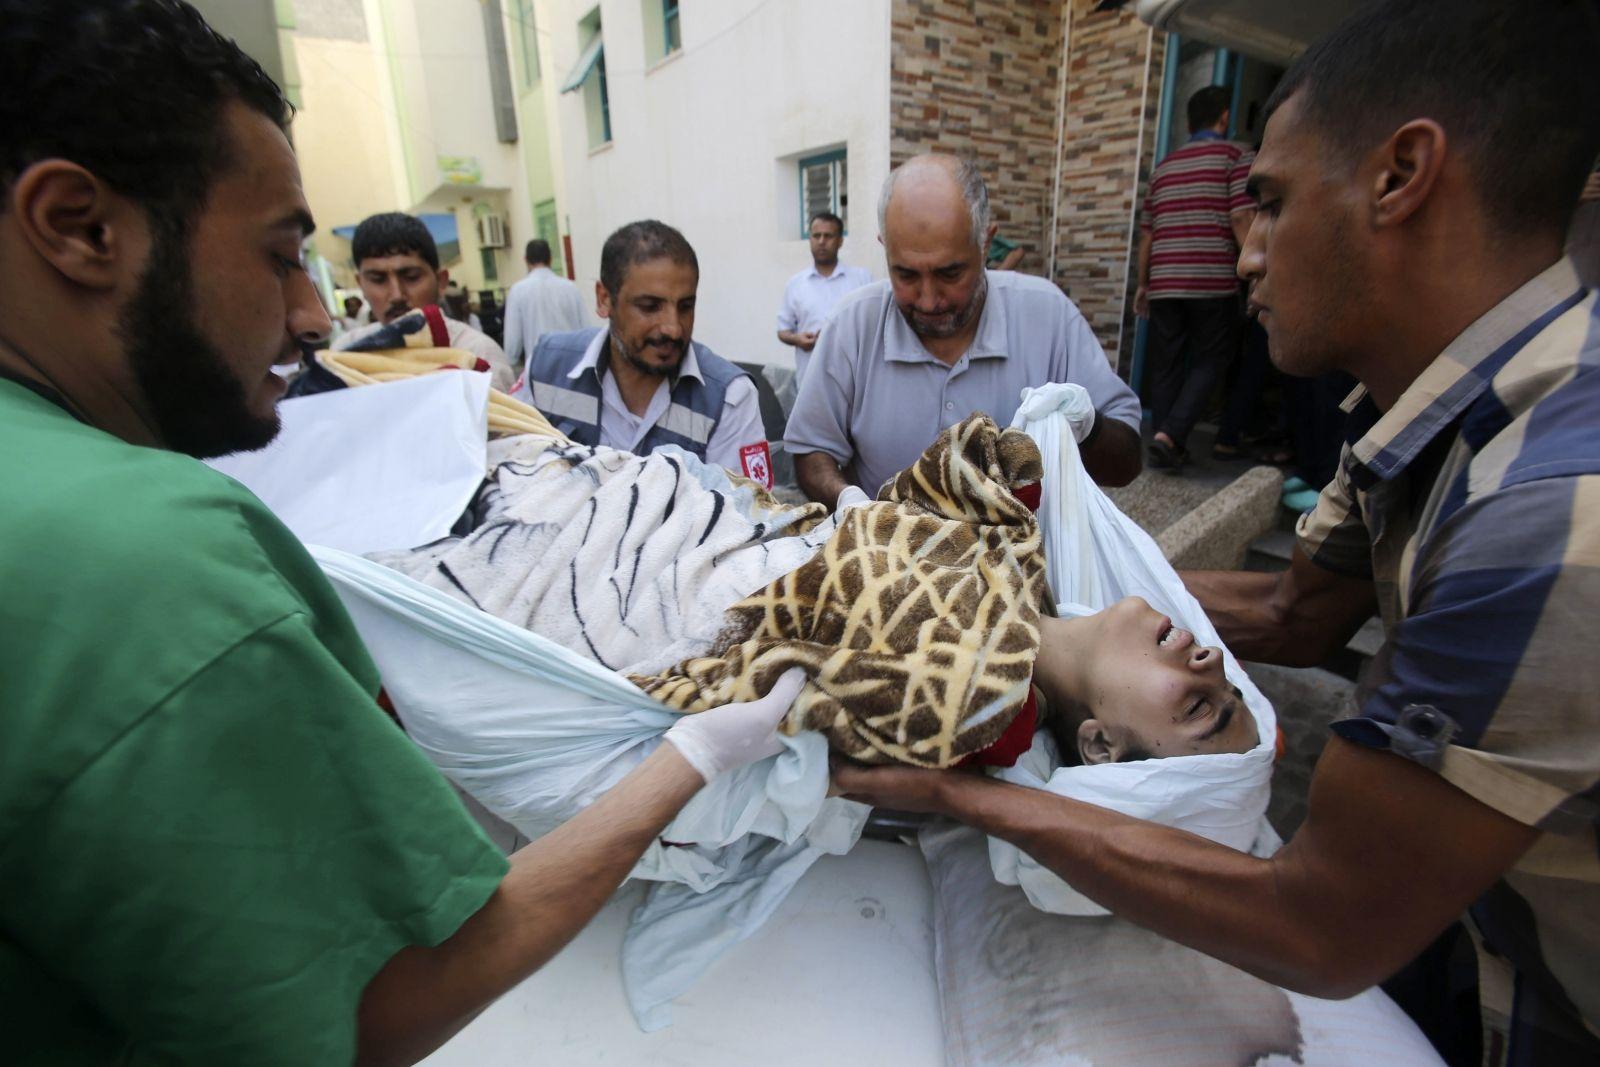 Israel Gaza Rafah Black Friday